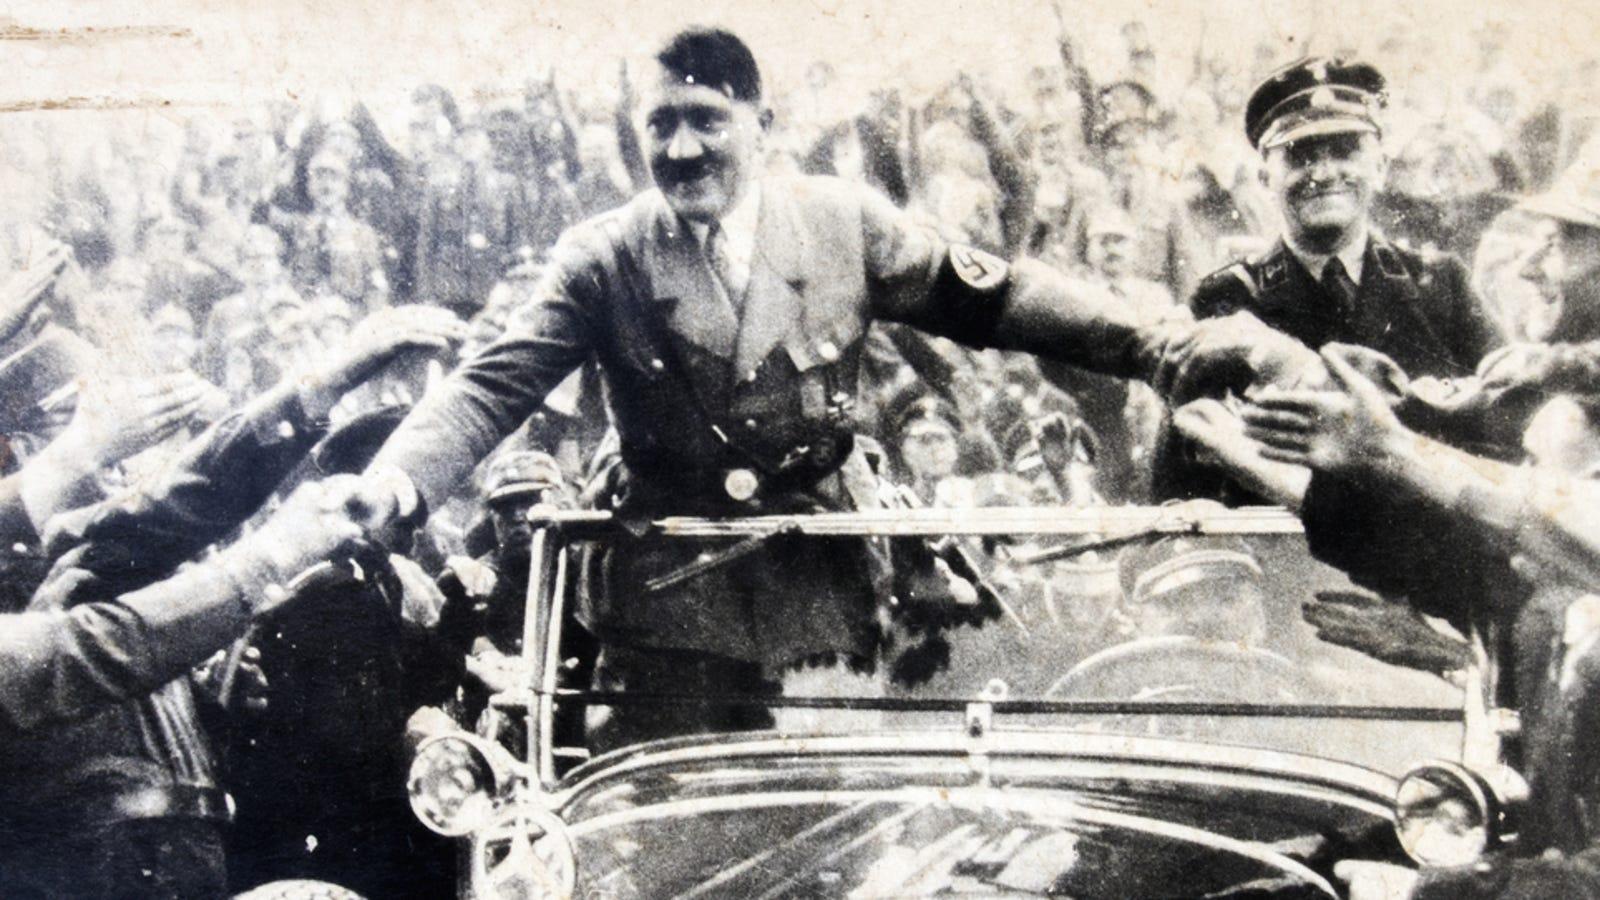 El surrealista plan secreto que intentó convertir a Hitler en mujer